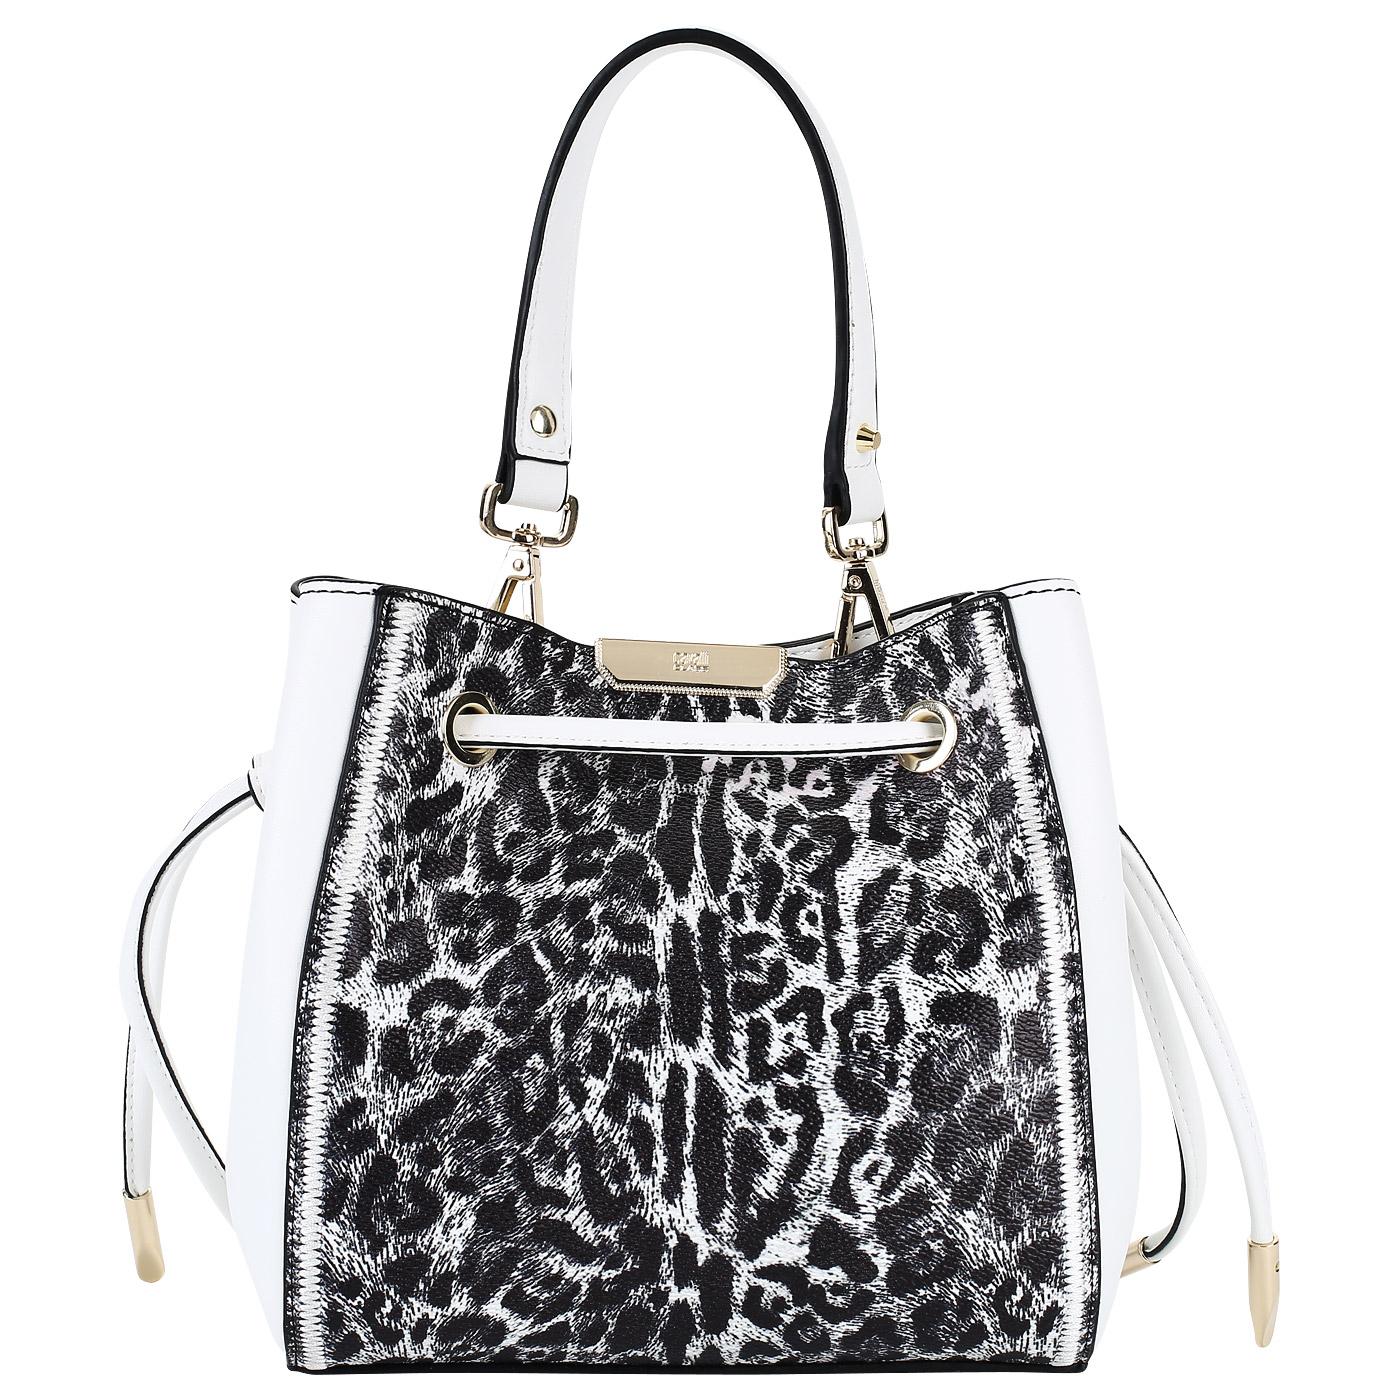 2945d25ac43c ... Женская сумка-торба со съемным плечевым ремешком Cavalli Class Summer  Leo ...